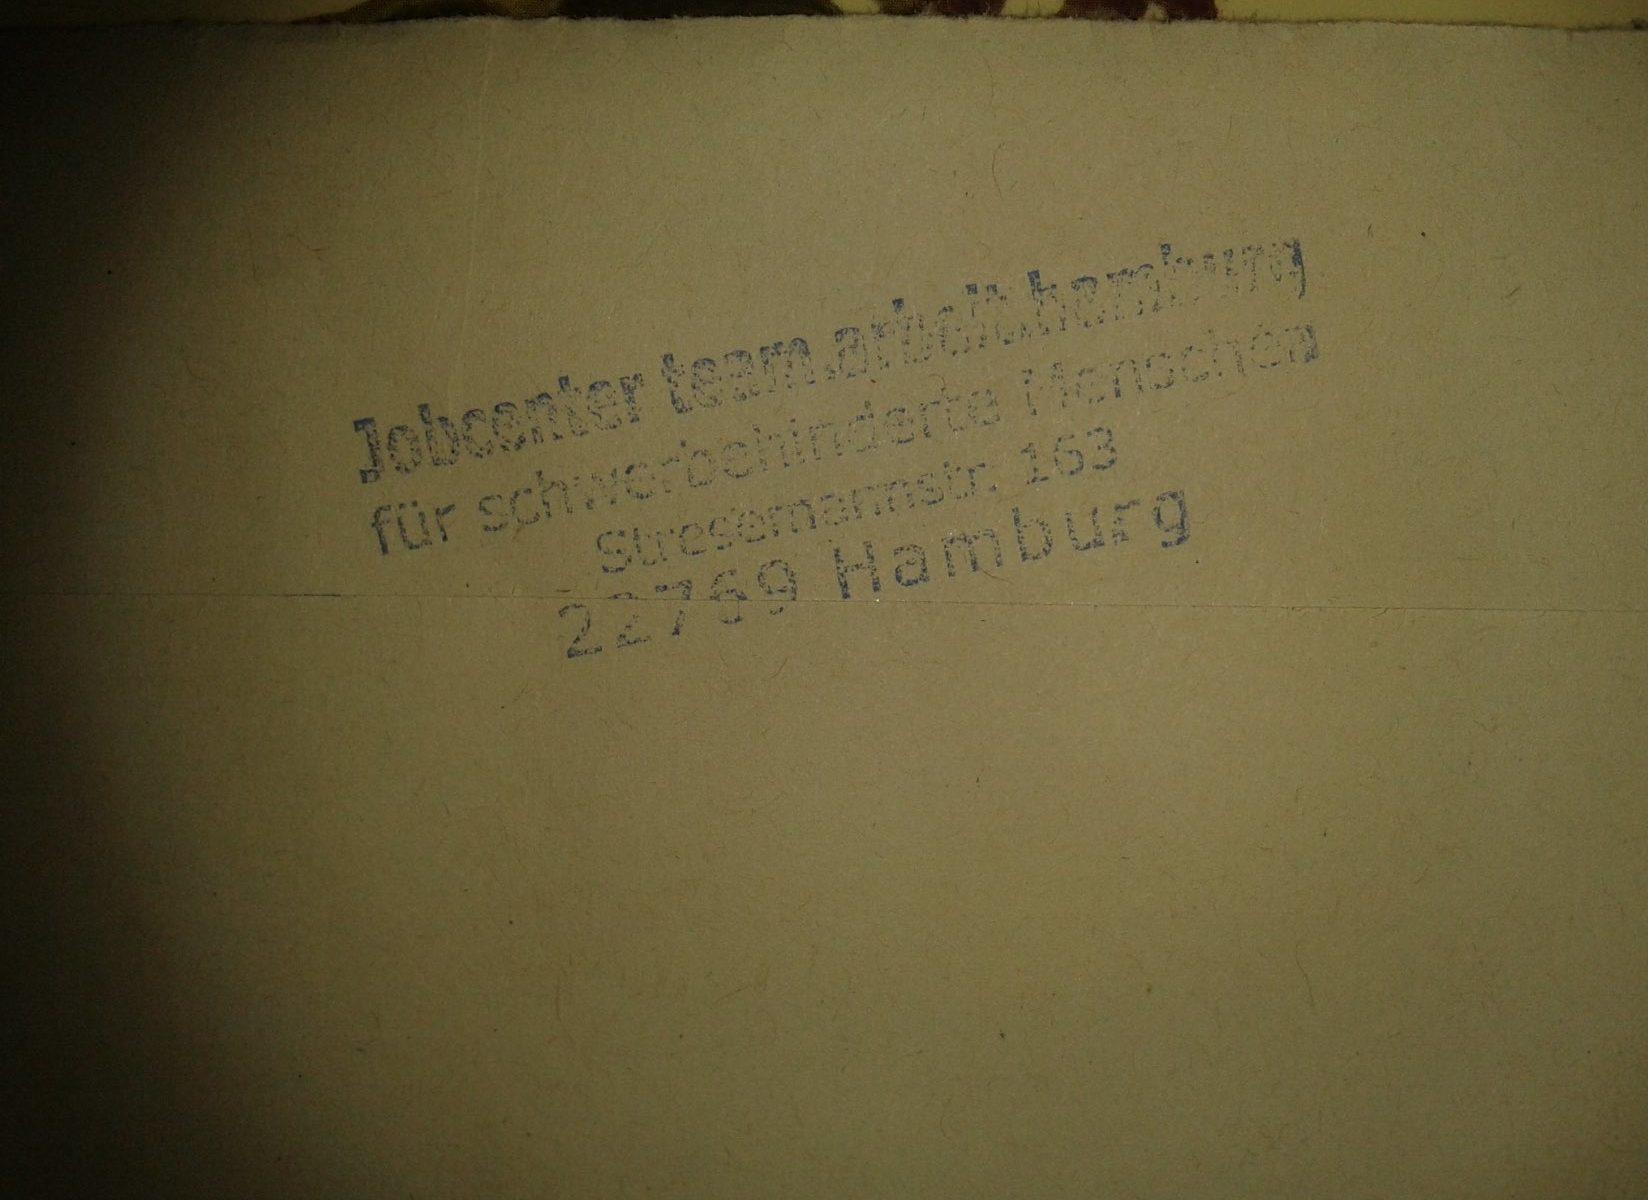 post jobcenter 1648x1200 - Hartz IV: Jobcenter-Briefstempel verstößt gegen Datenschutz